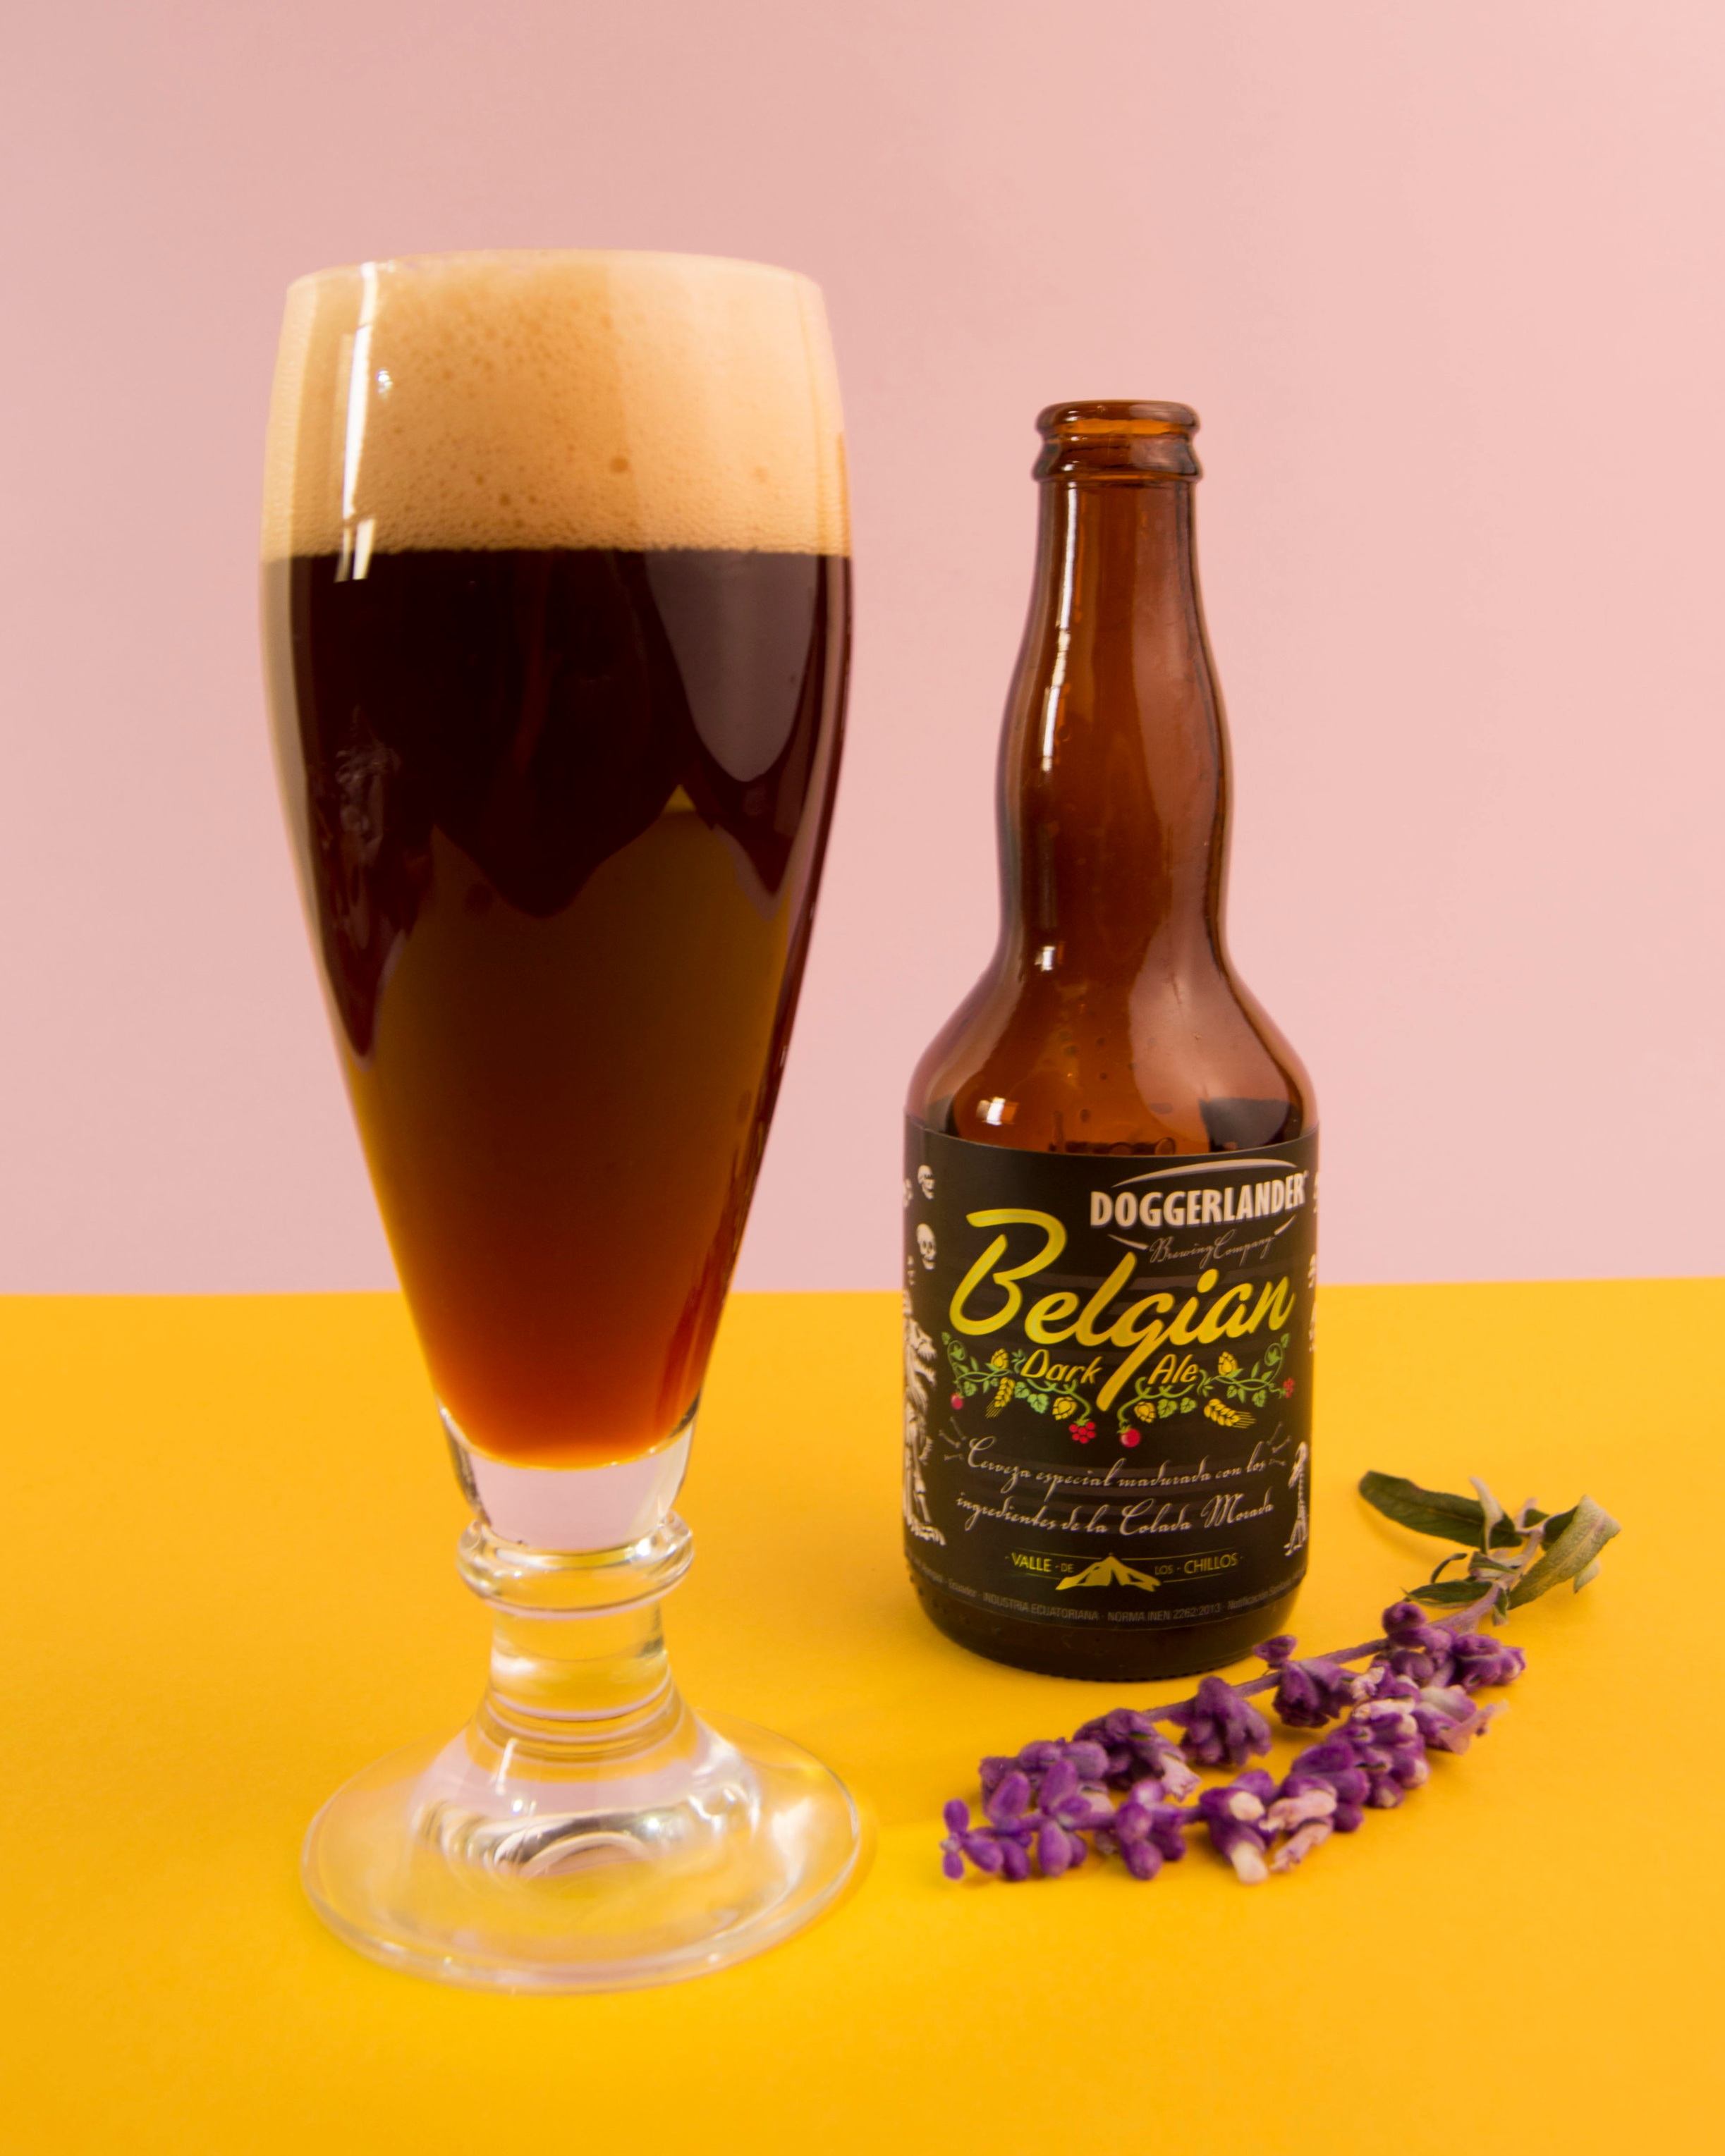 Doggerlander+Belgian+Dark+Ale.jpg